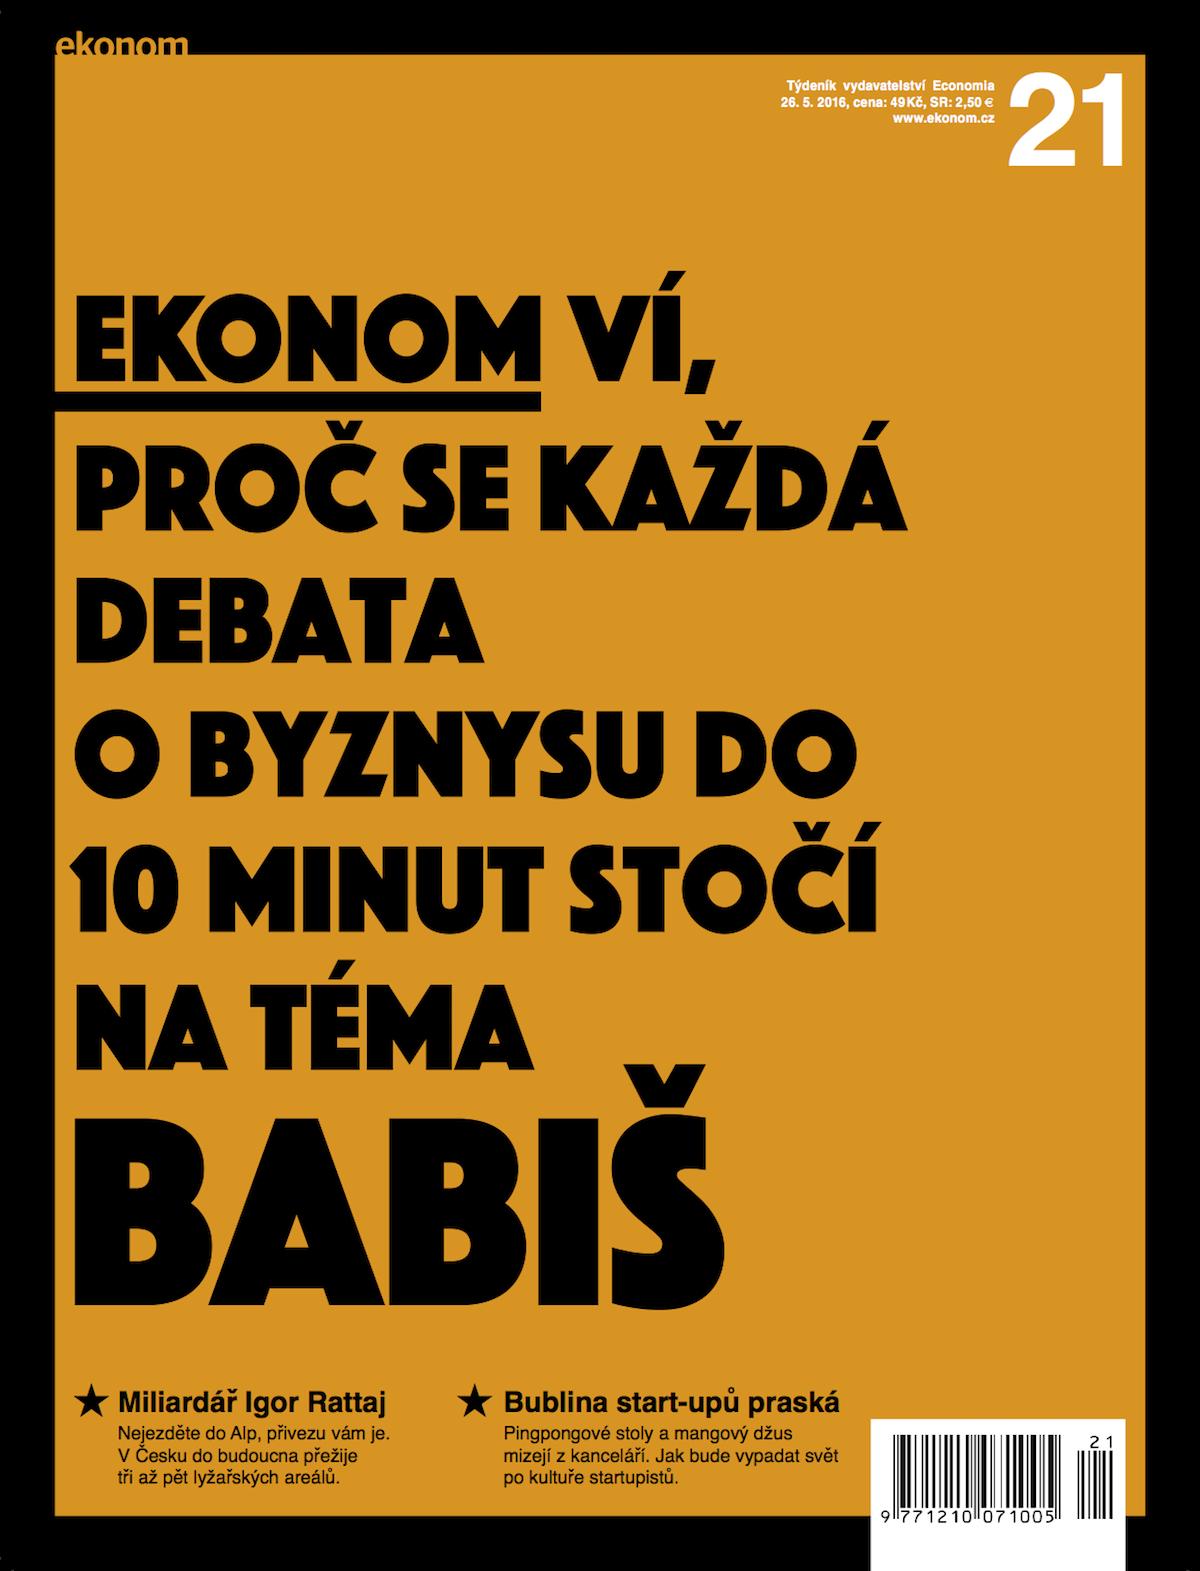 Nová podoba Ekonomu: titulní strana